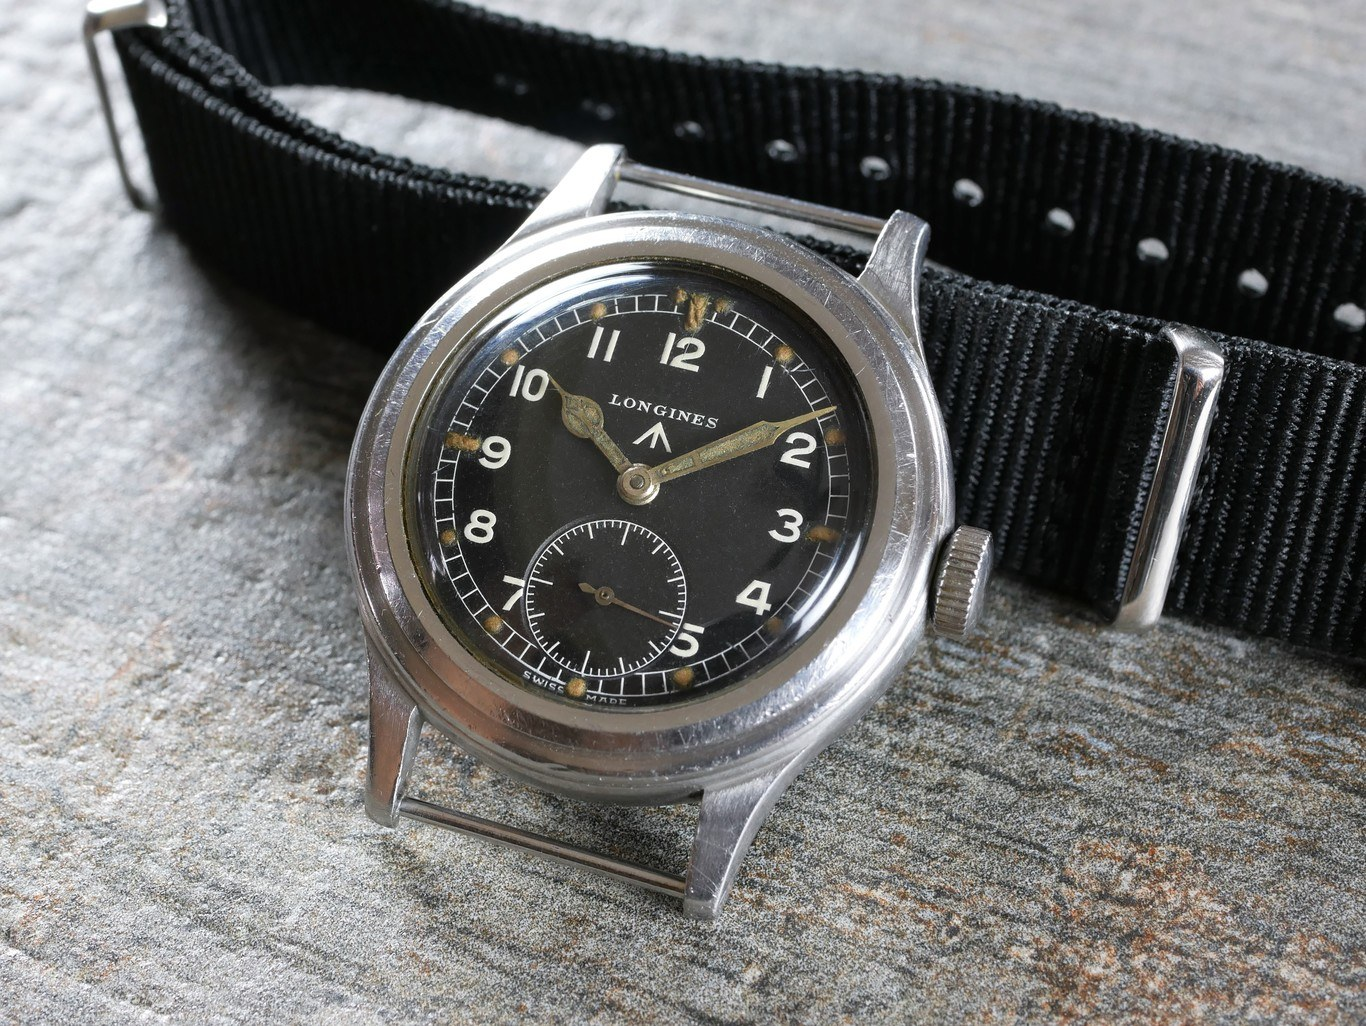 new concept 3bd10 6ae69 Longines WWW Dirty Dozen British Army Military Wristwatch c.1945